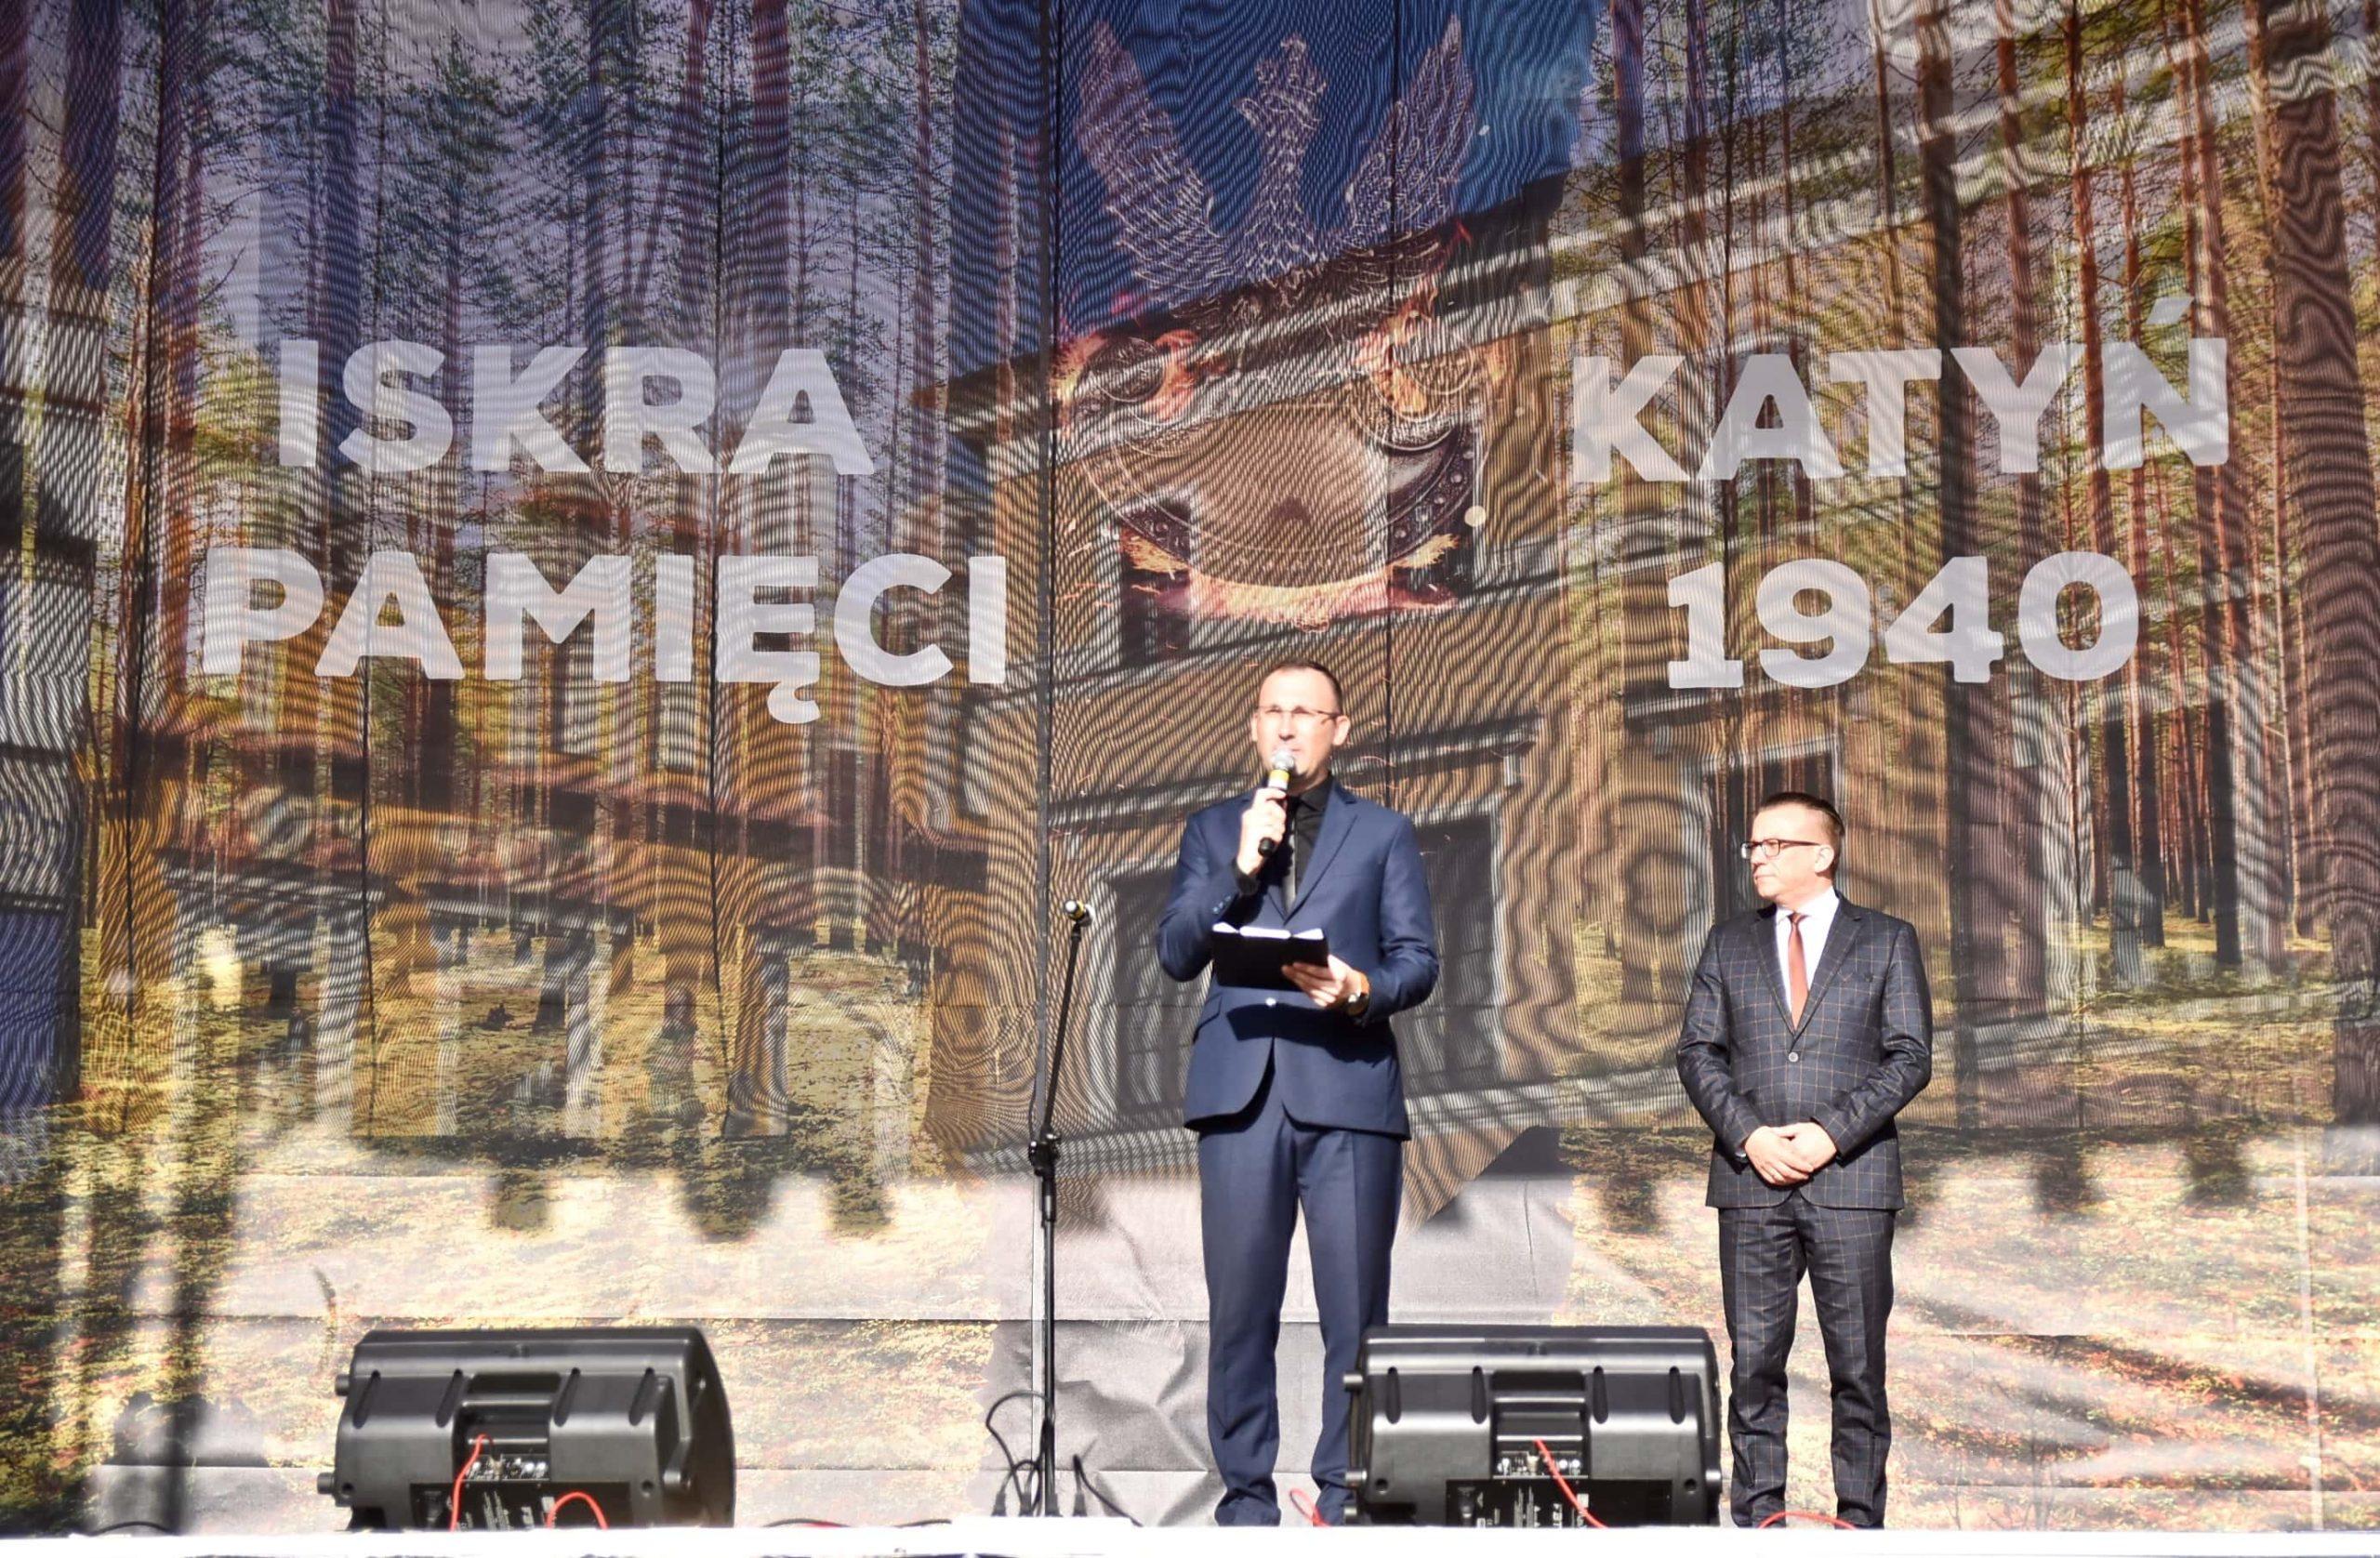 dsc 7140 scaled Tyle zniczy ilu zamordowanych w Katyniu (dużo zdjęć)